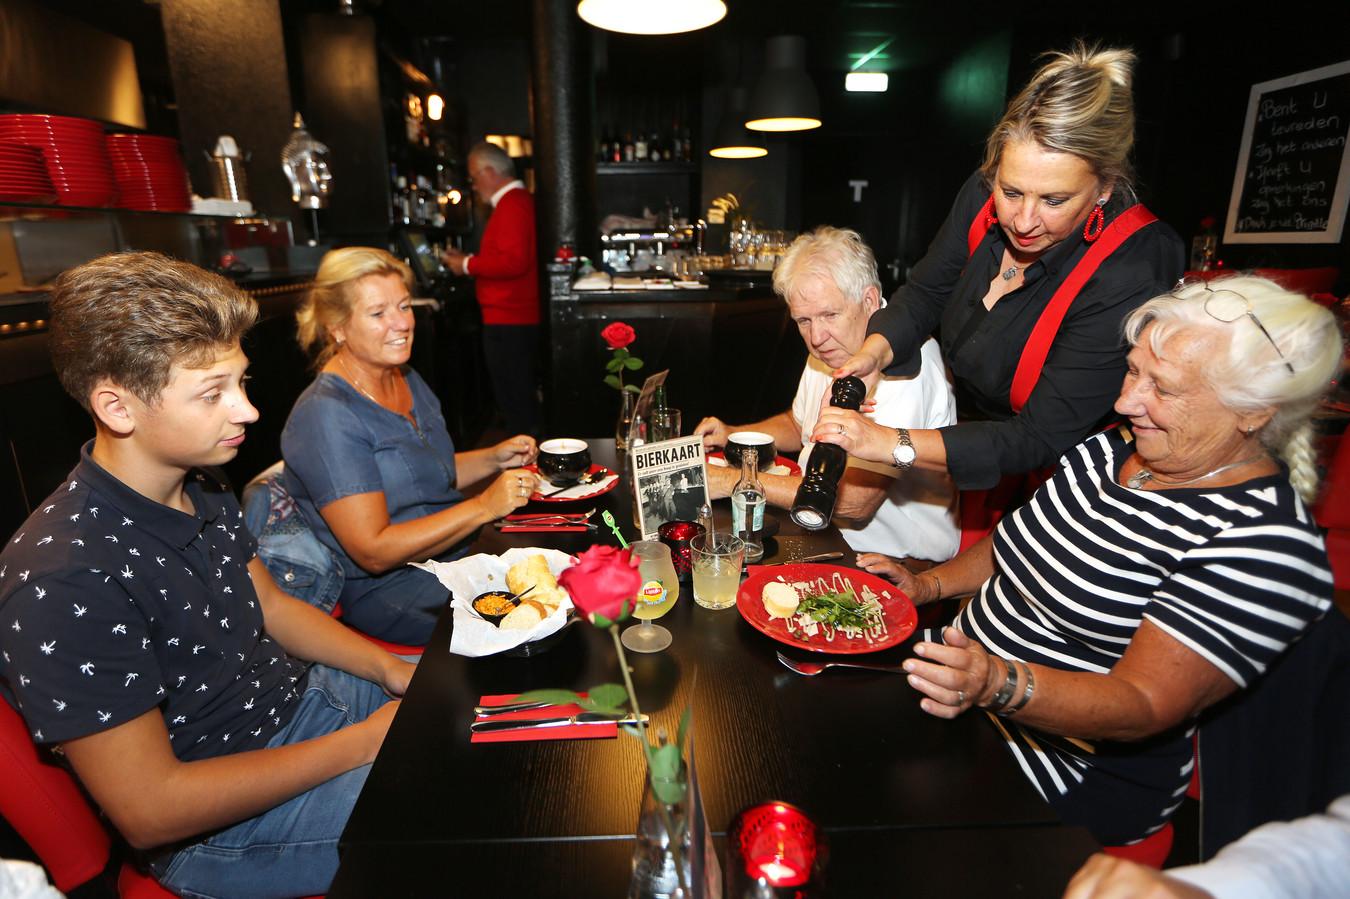 Brigitte Vink voorziet de carpaccio van wat extra peper op verzoek.